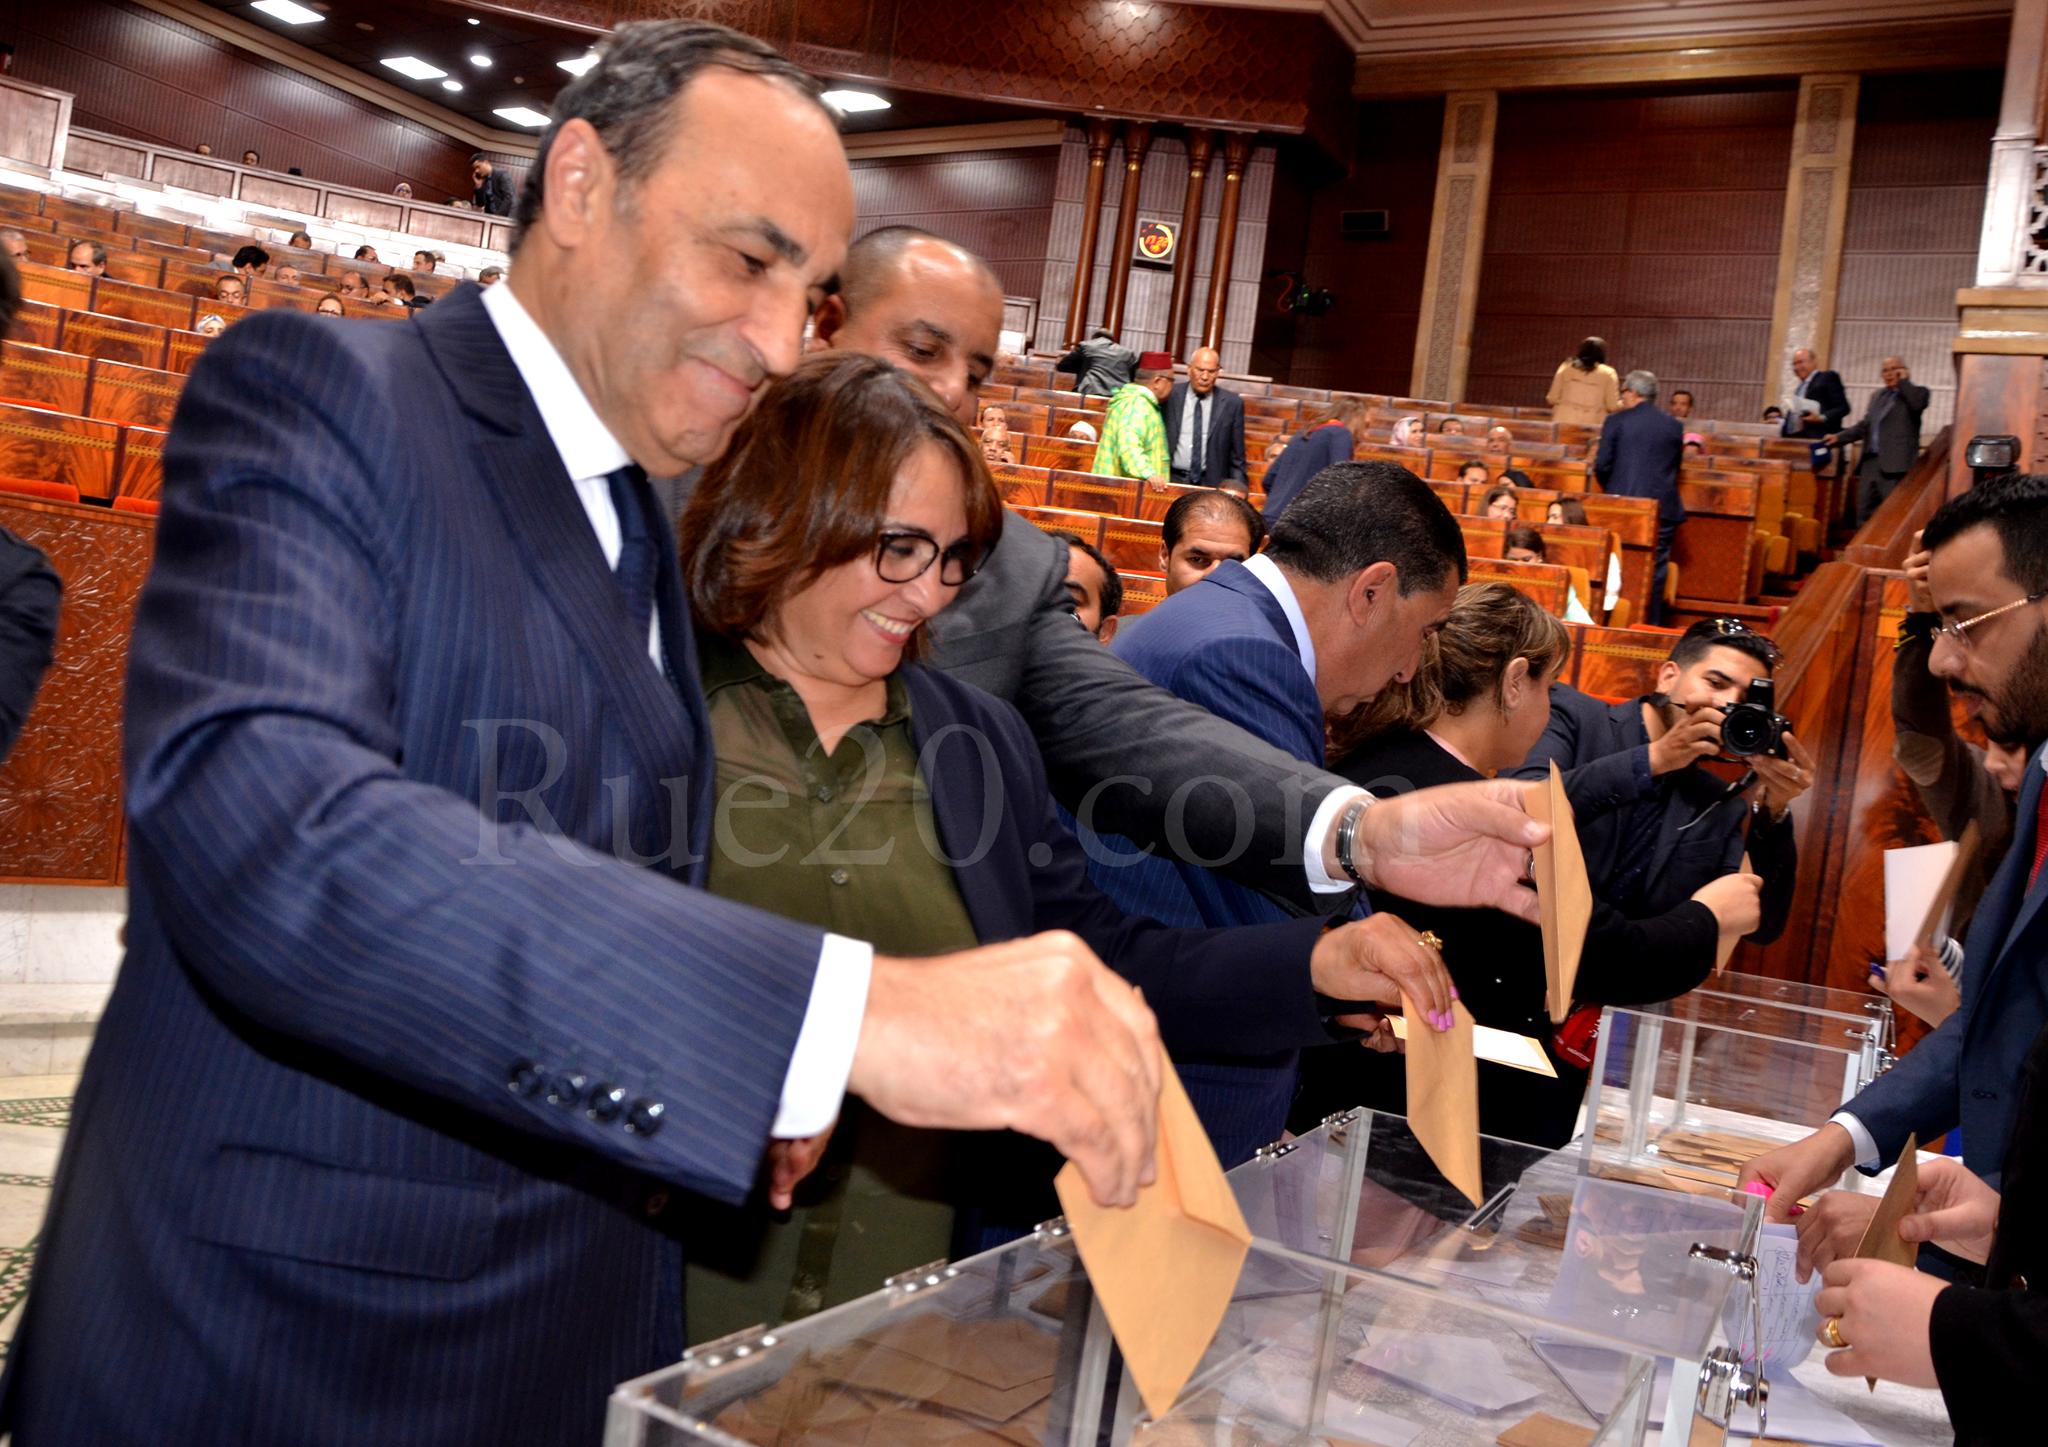 إعادة انتخاب الحبيب المالكي رئيساً لمجلس النواب بأغلبية مطلقة !